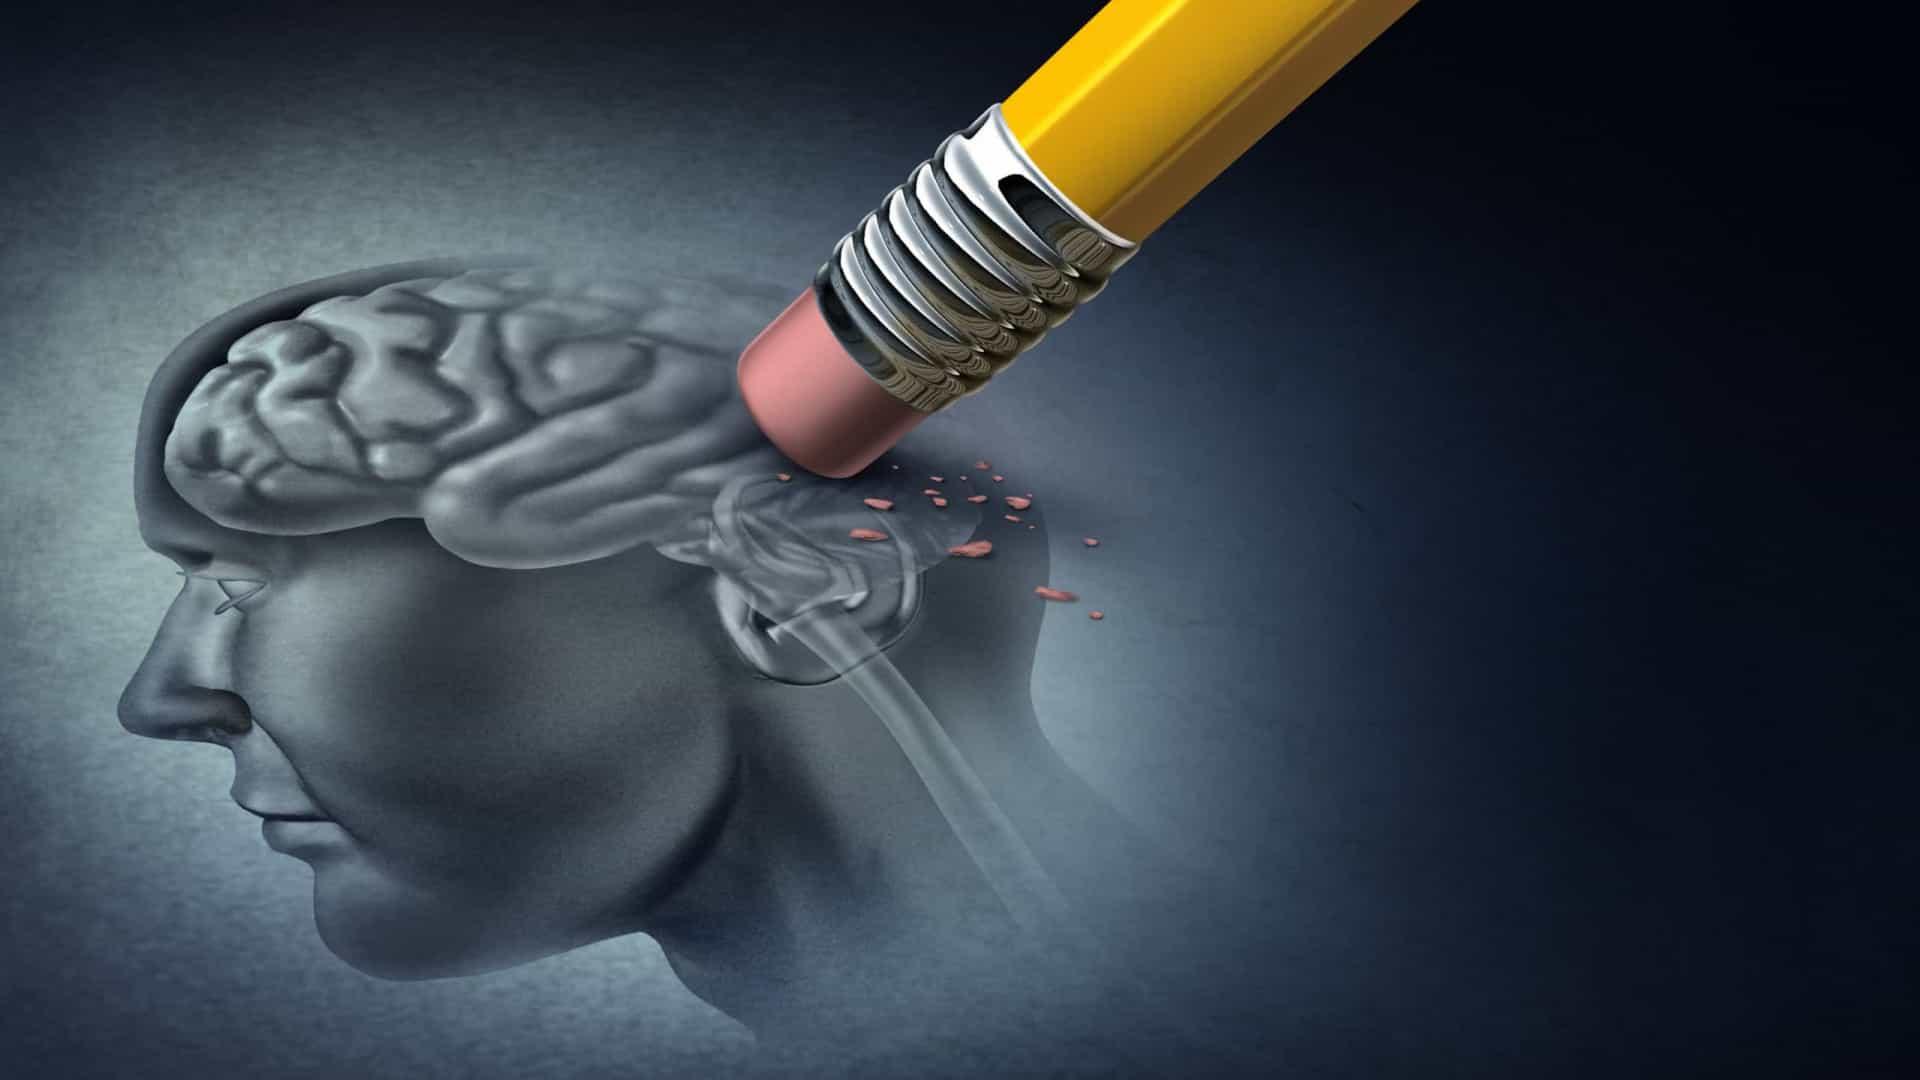 https://www.noticiasaominuto.com/lifestyle/1315252/oito-sintomas-de-demencia-e-alzheimer-que-tem-de-ter-em-atencao